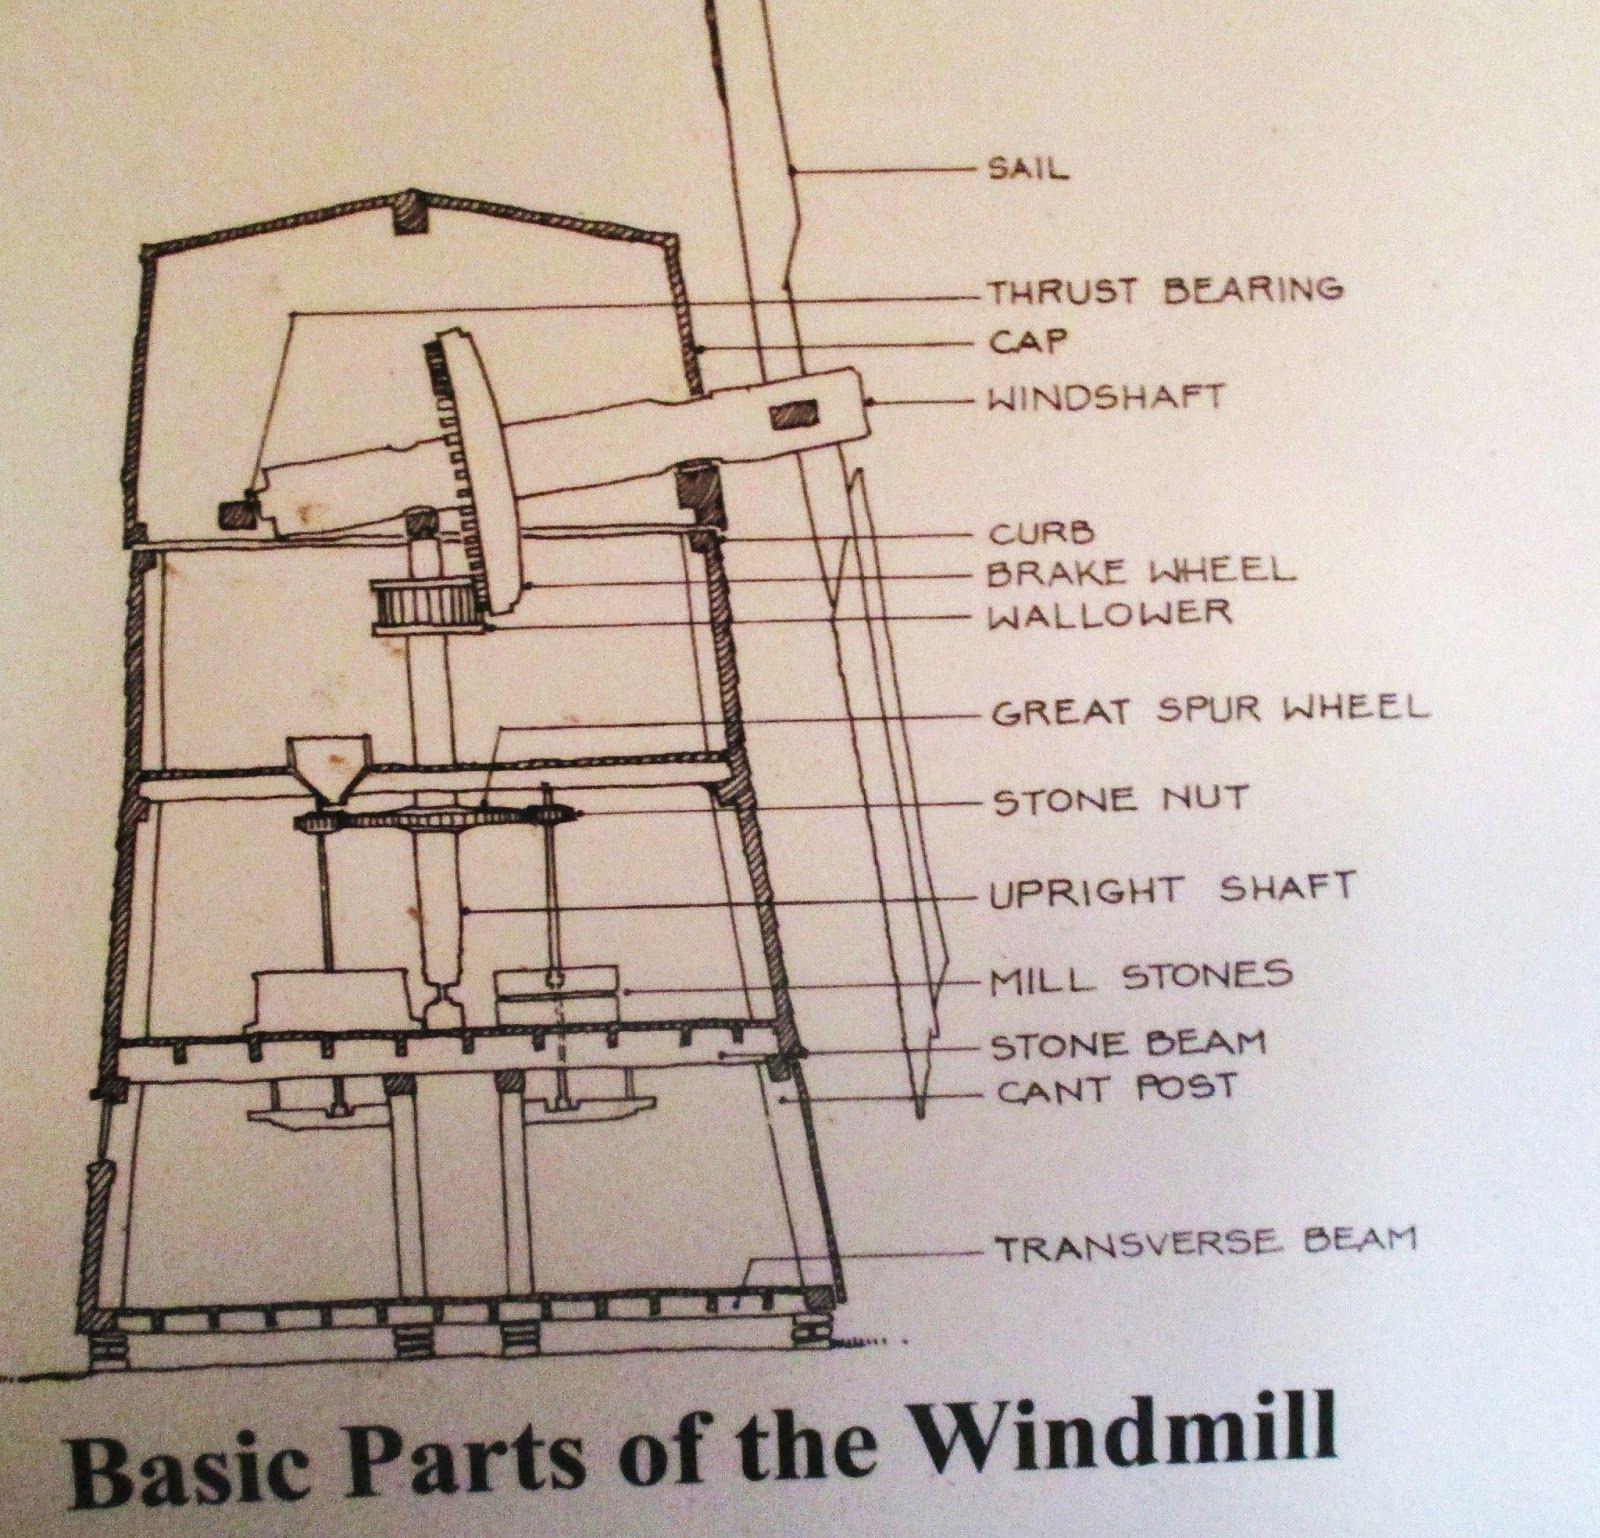 Dutch Windmill Books